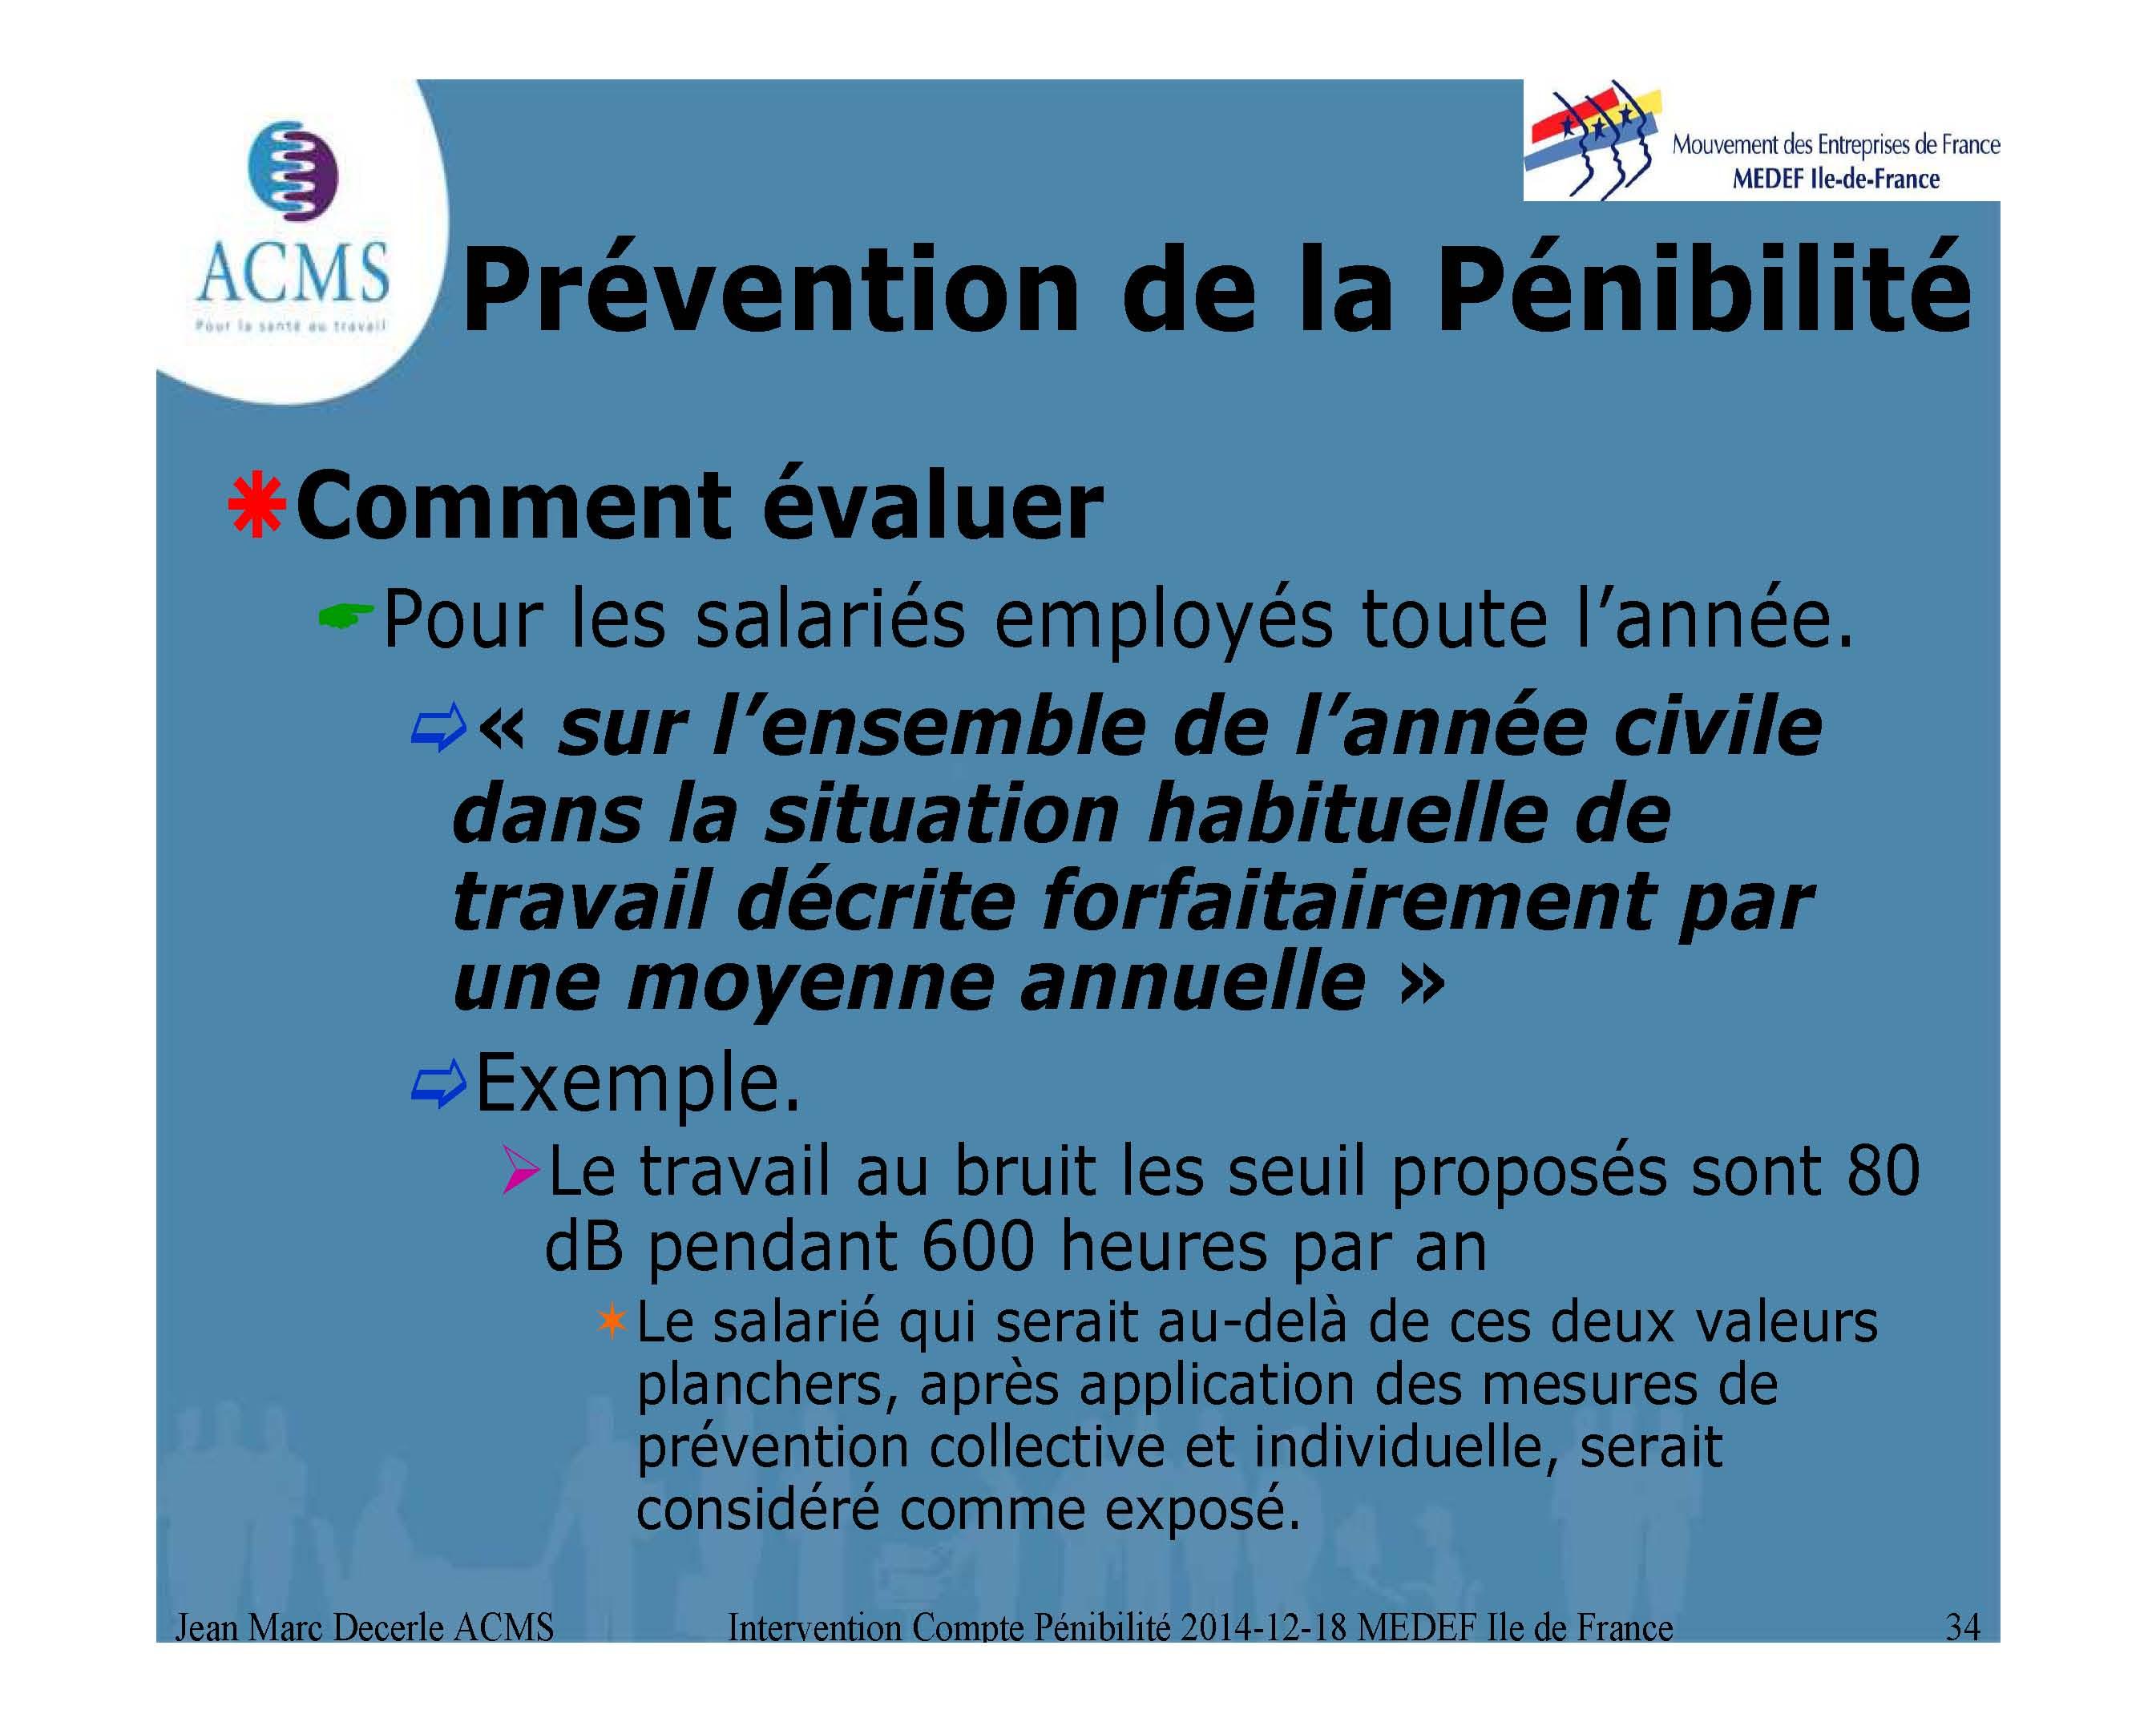 2014-12-18 Compte Pénibilite MEDEF Ile de France_Page_34